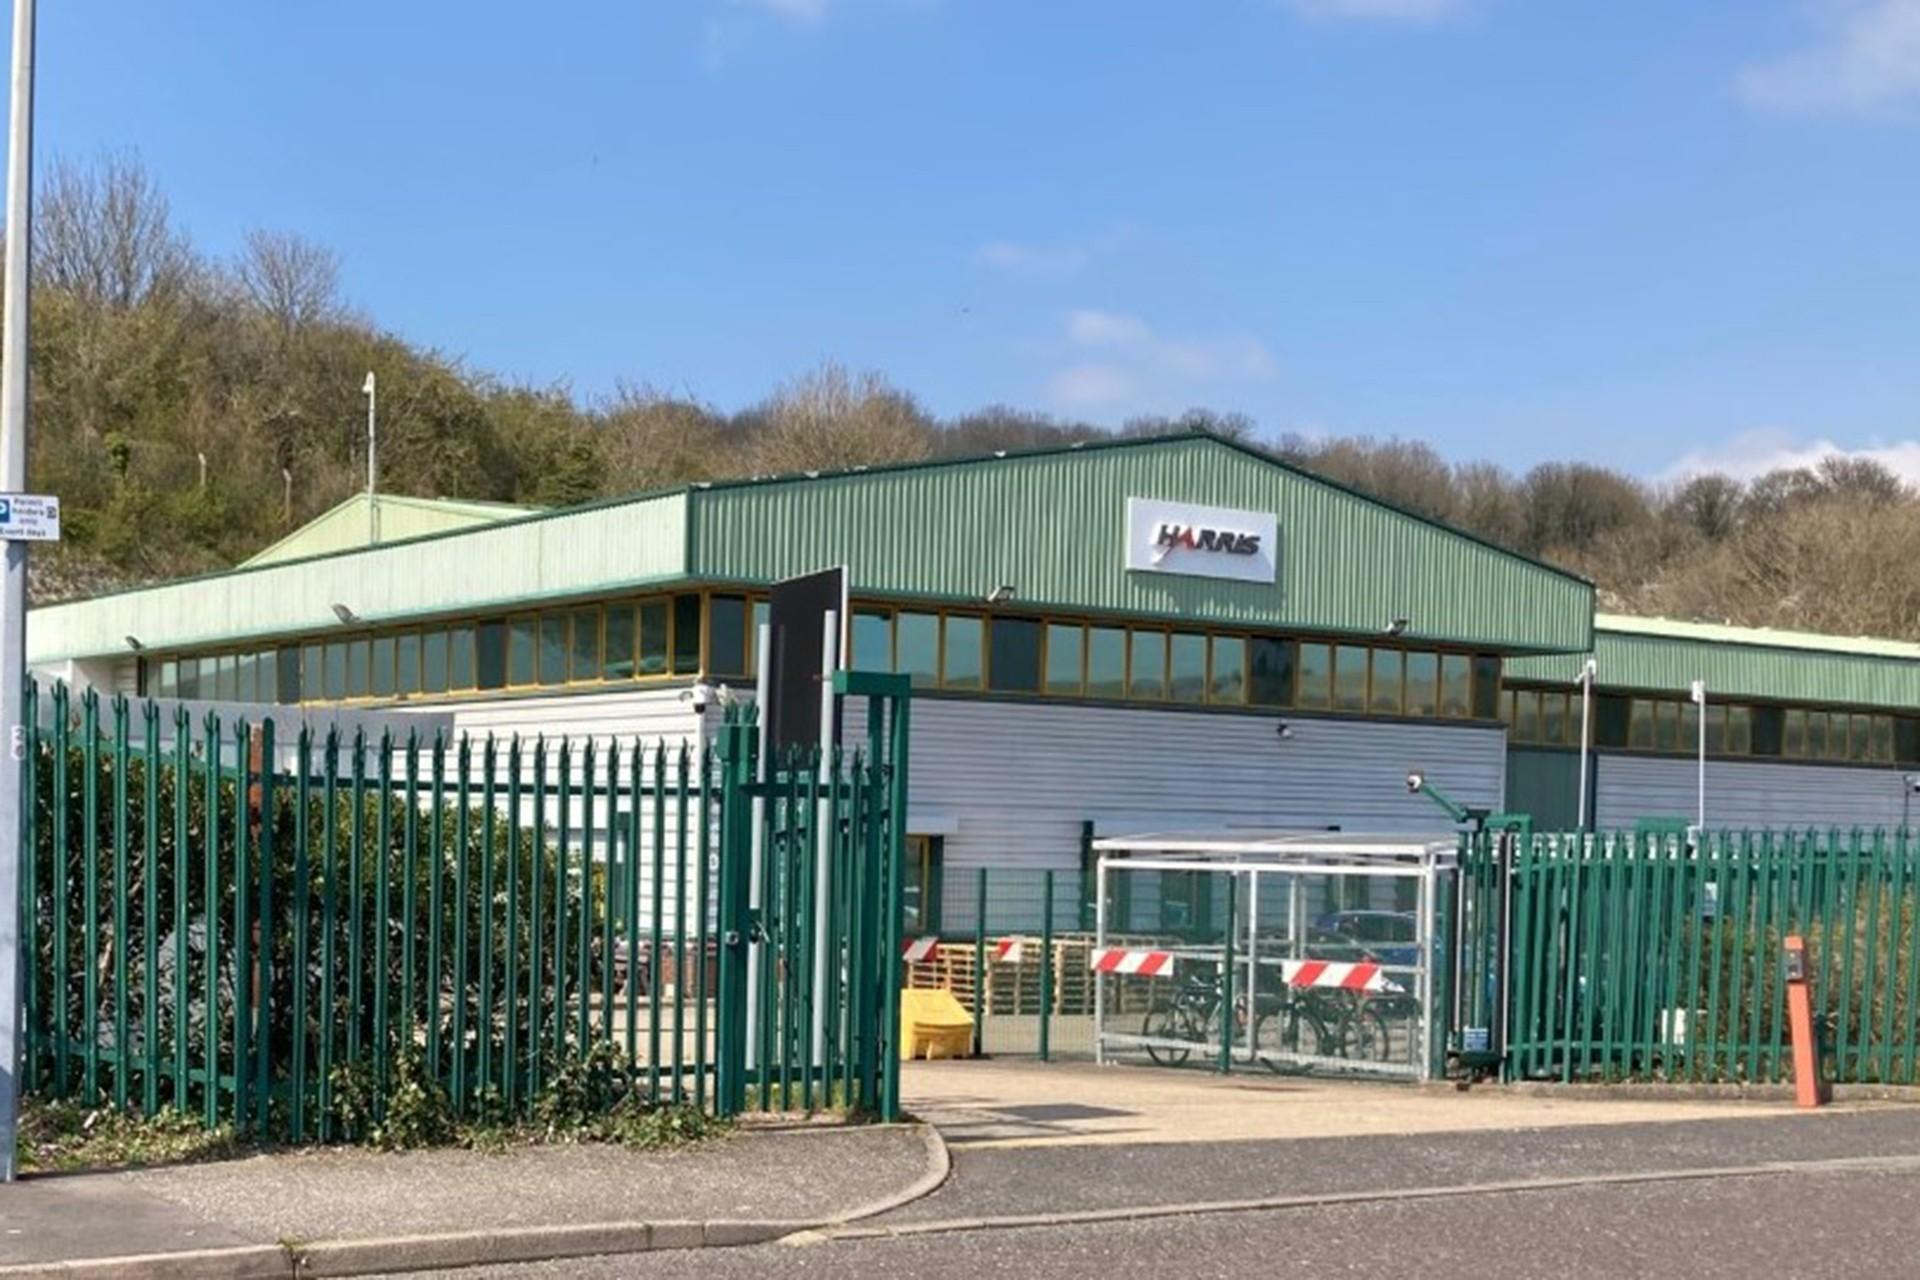 Harris şirketinin binası